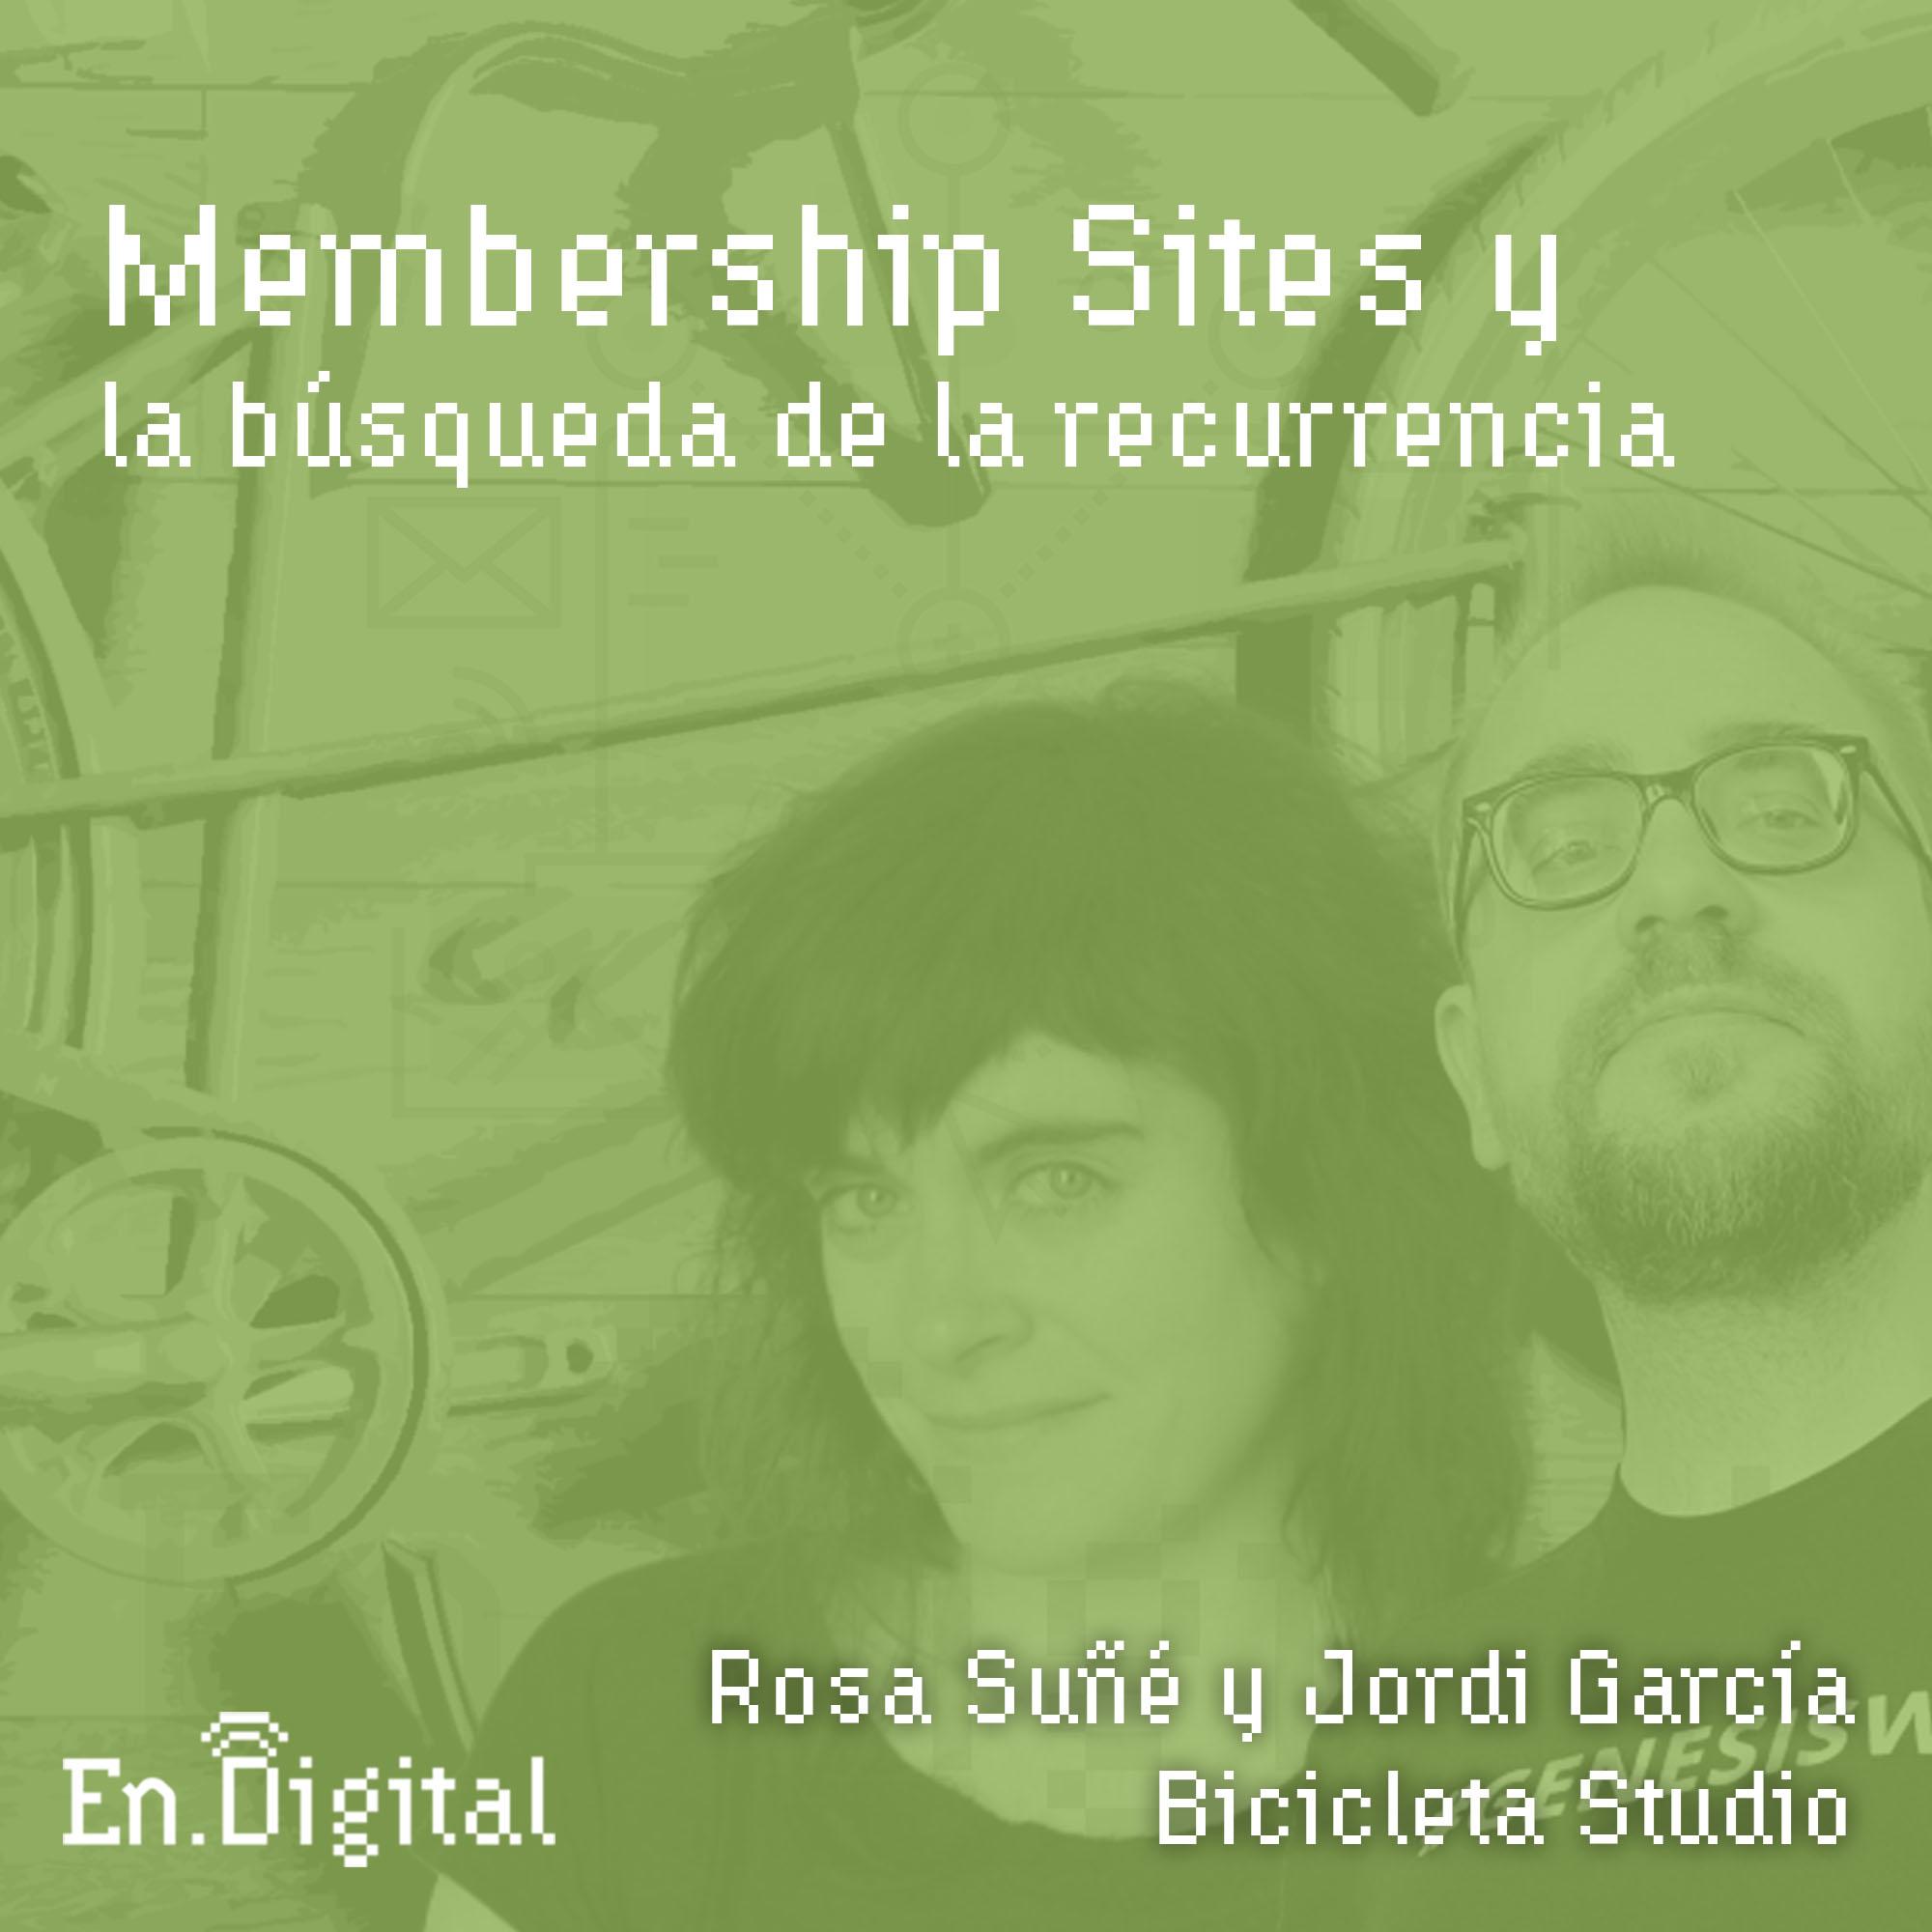 #135 – Membership sites y la búsqueda de la recurrencia con Rosa Suñé y Jordi García de Bicicleta Studio